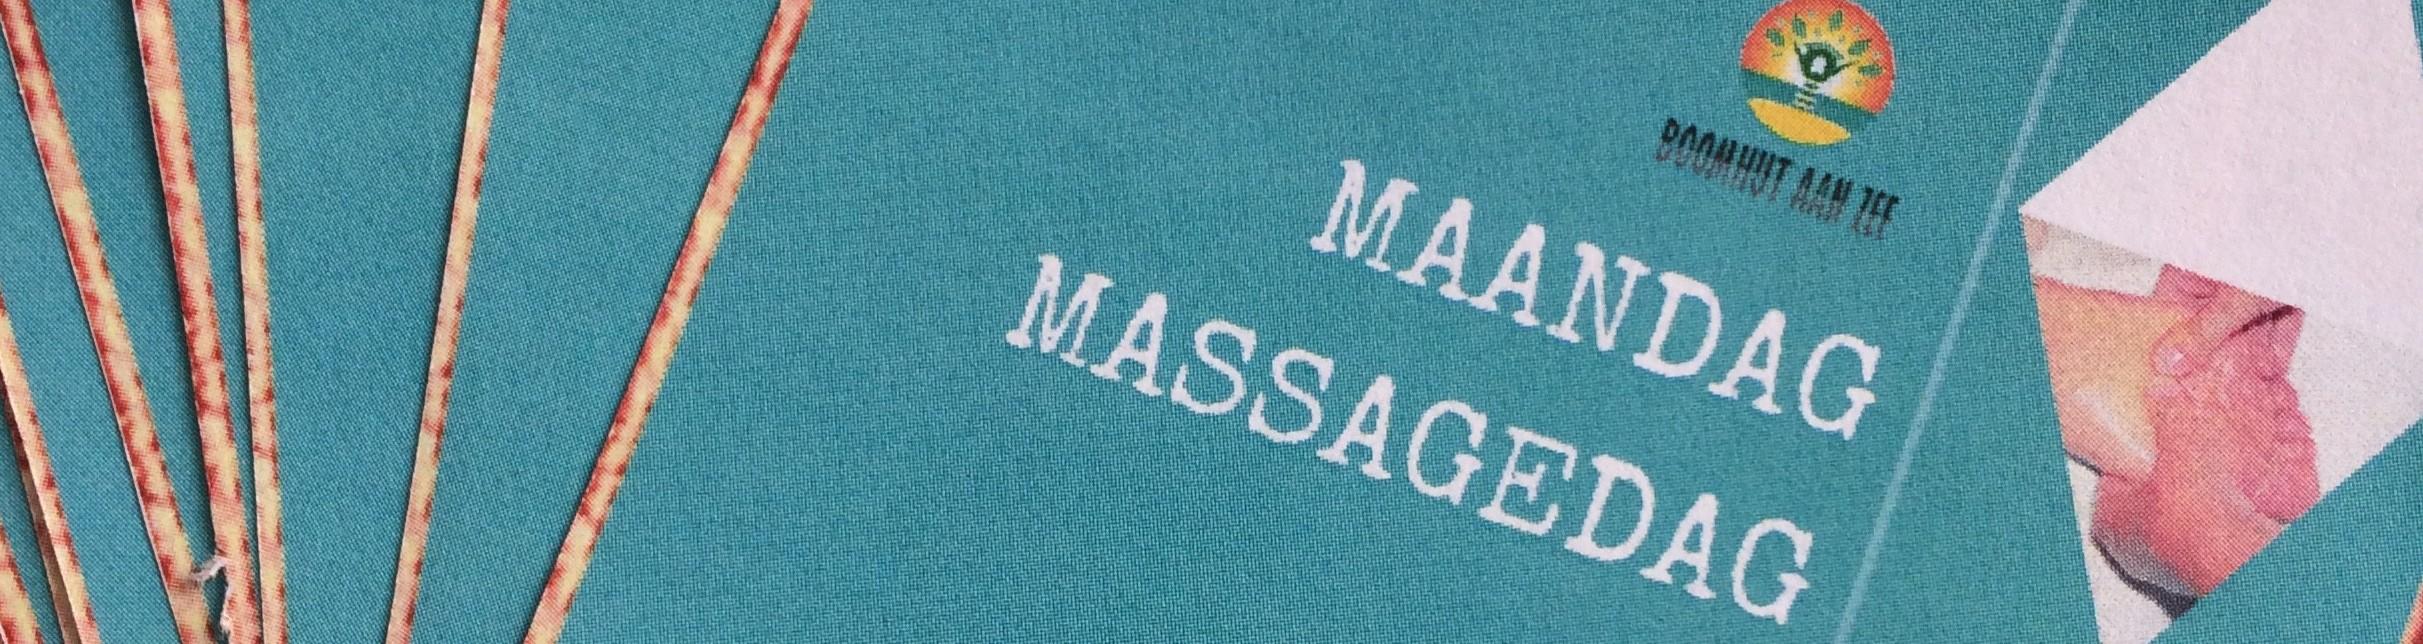 Maandag Massagedag